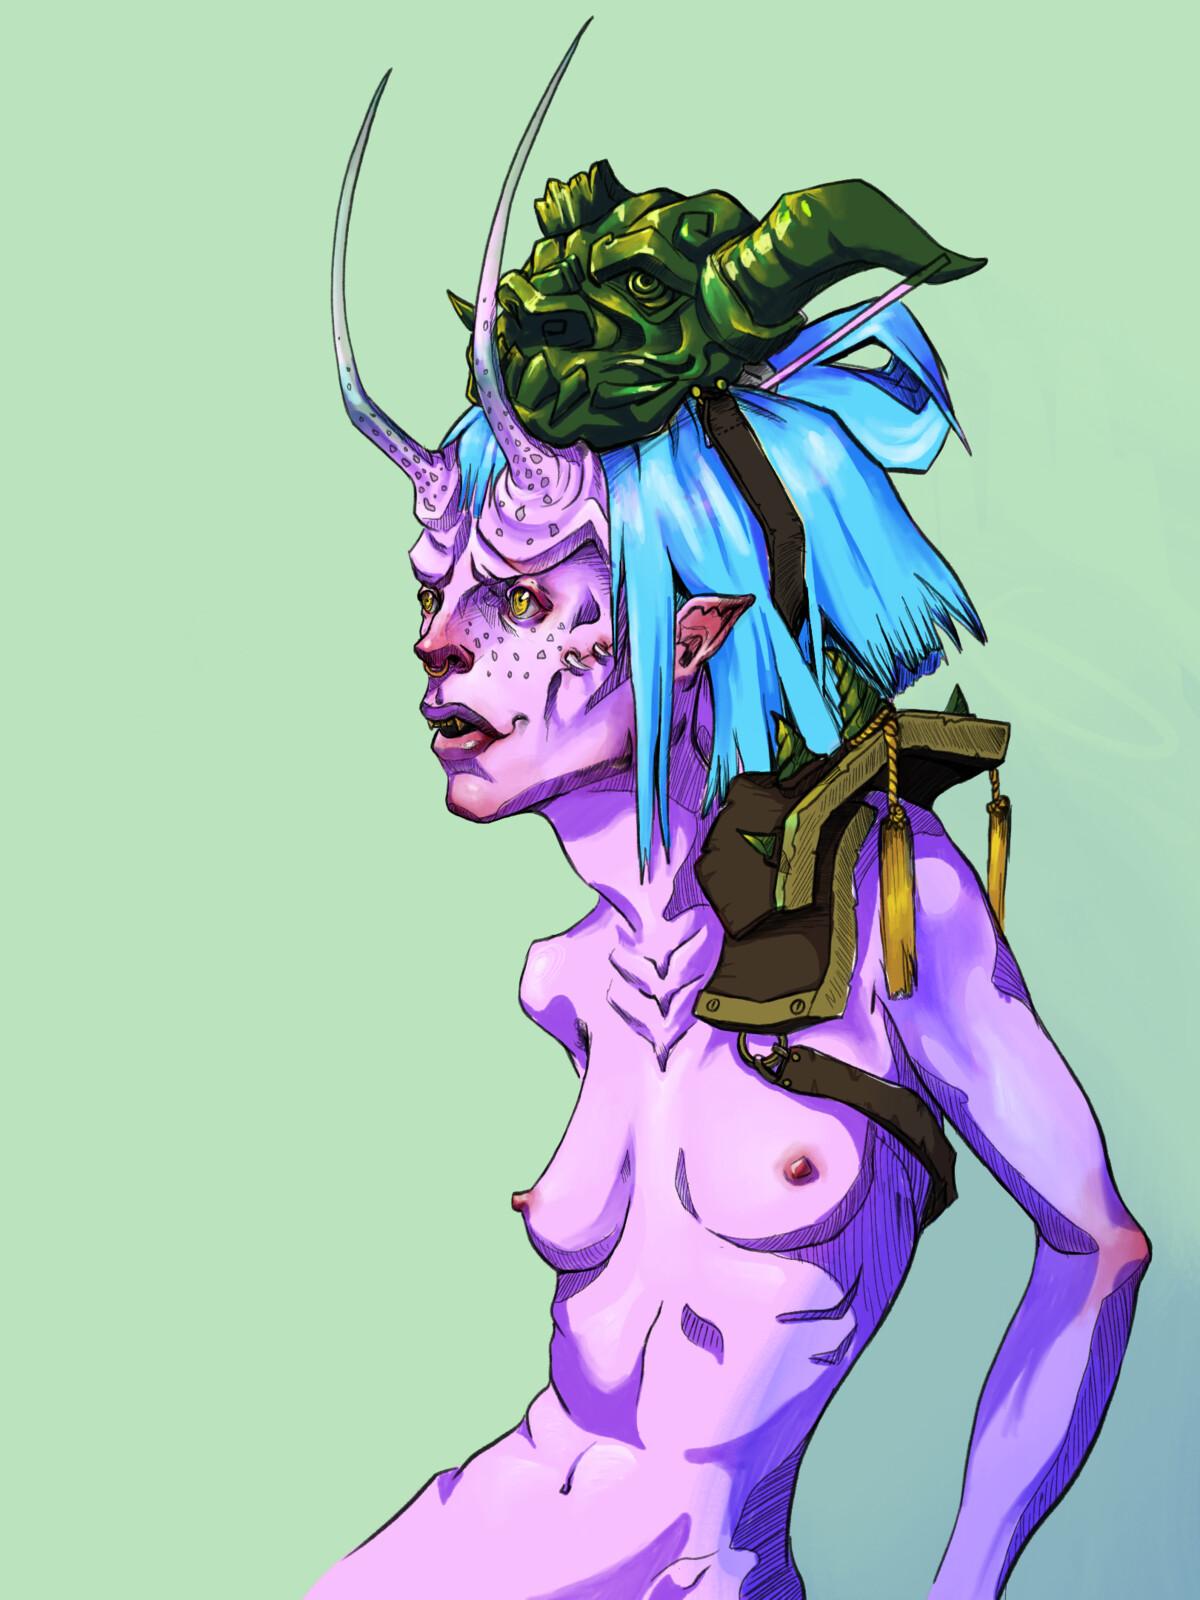 Green Mask NSFW